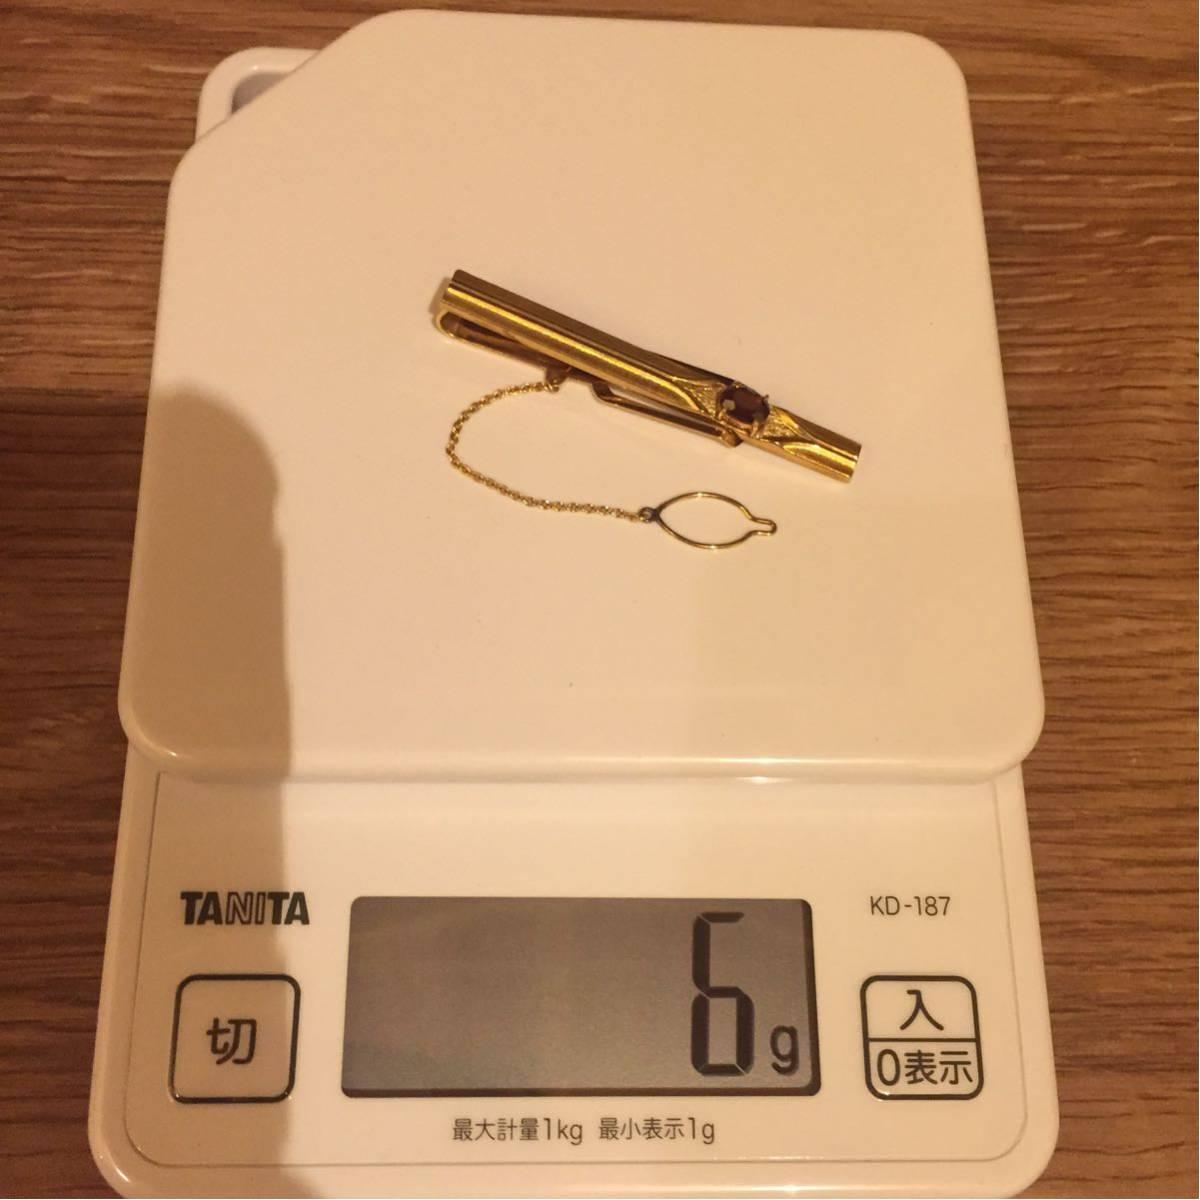 純金 K18刻印 ネクタイピン 化粧箱入り/金 ゴールド K18 18K タイピン アクセサリー/6g 6グラム 石込み/送料無料 限定 売り切り/M032